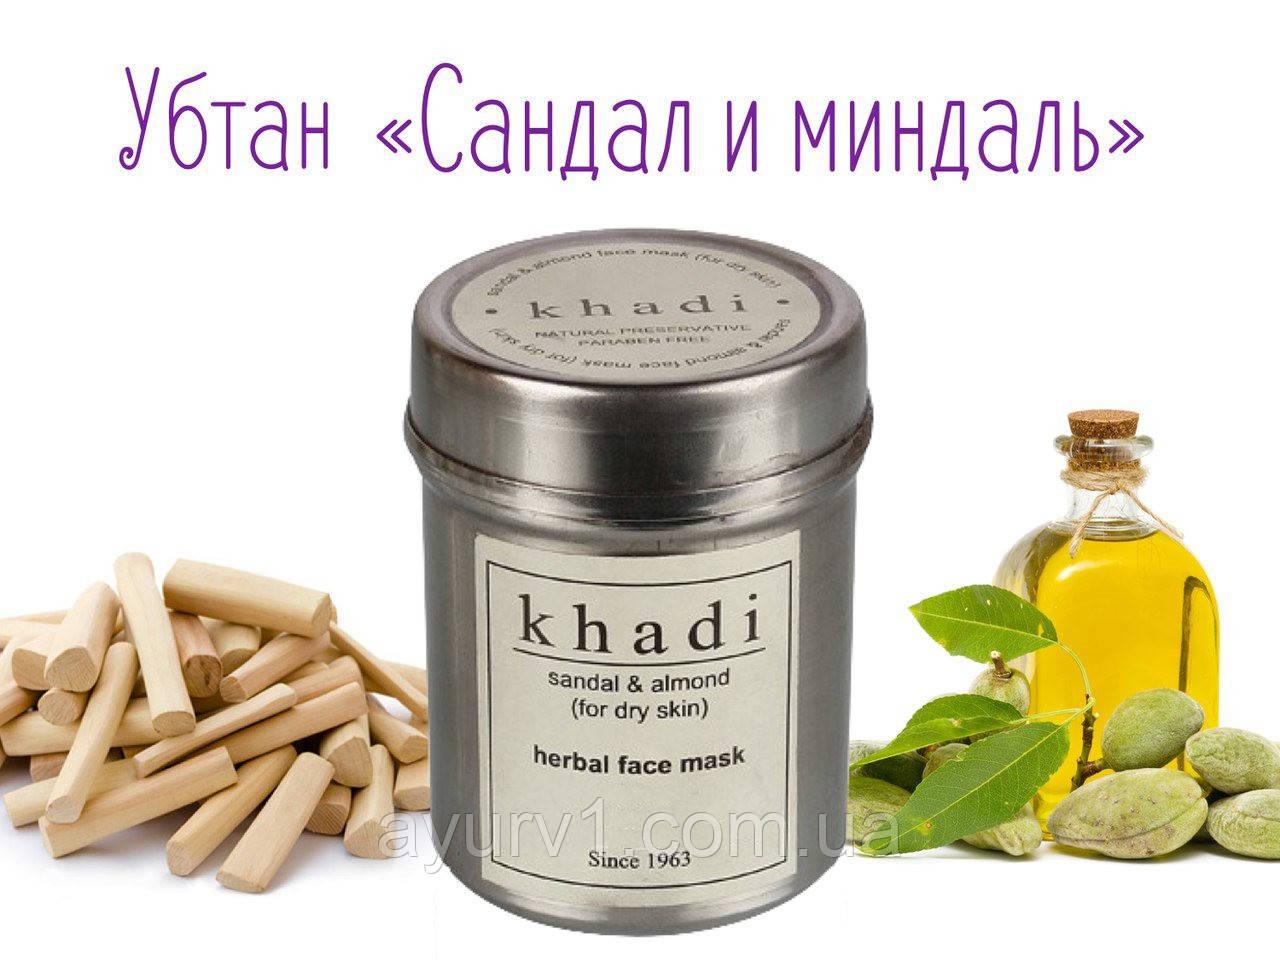 Убтан для сухой кожи, Сандал и миндаль, Khadi/ 50 гр